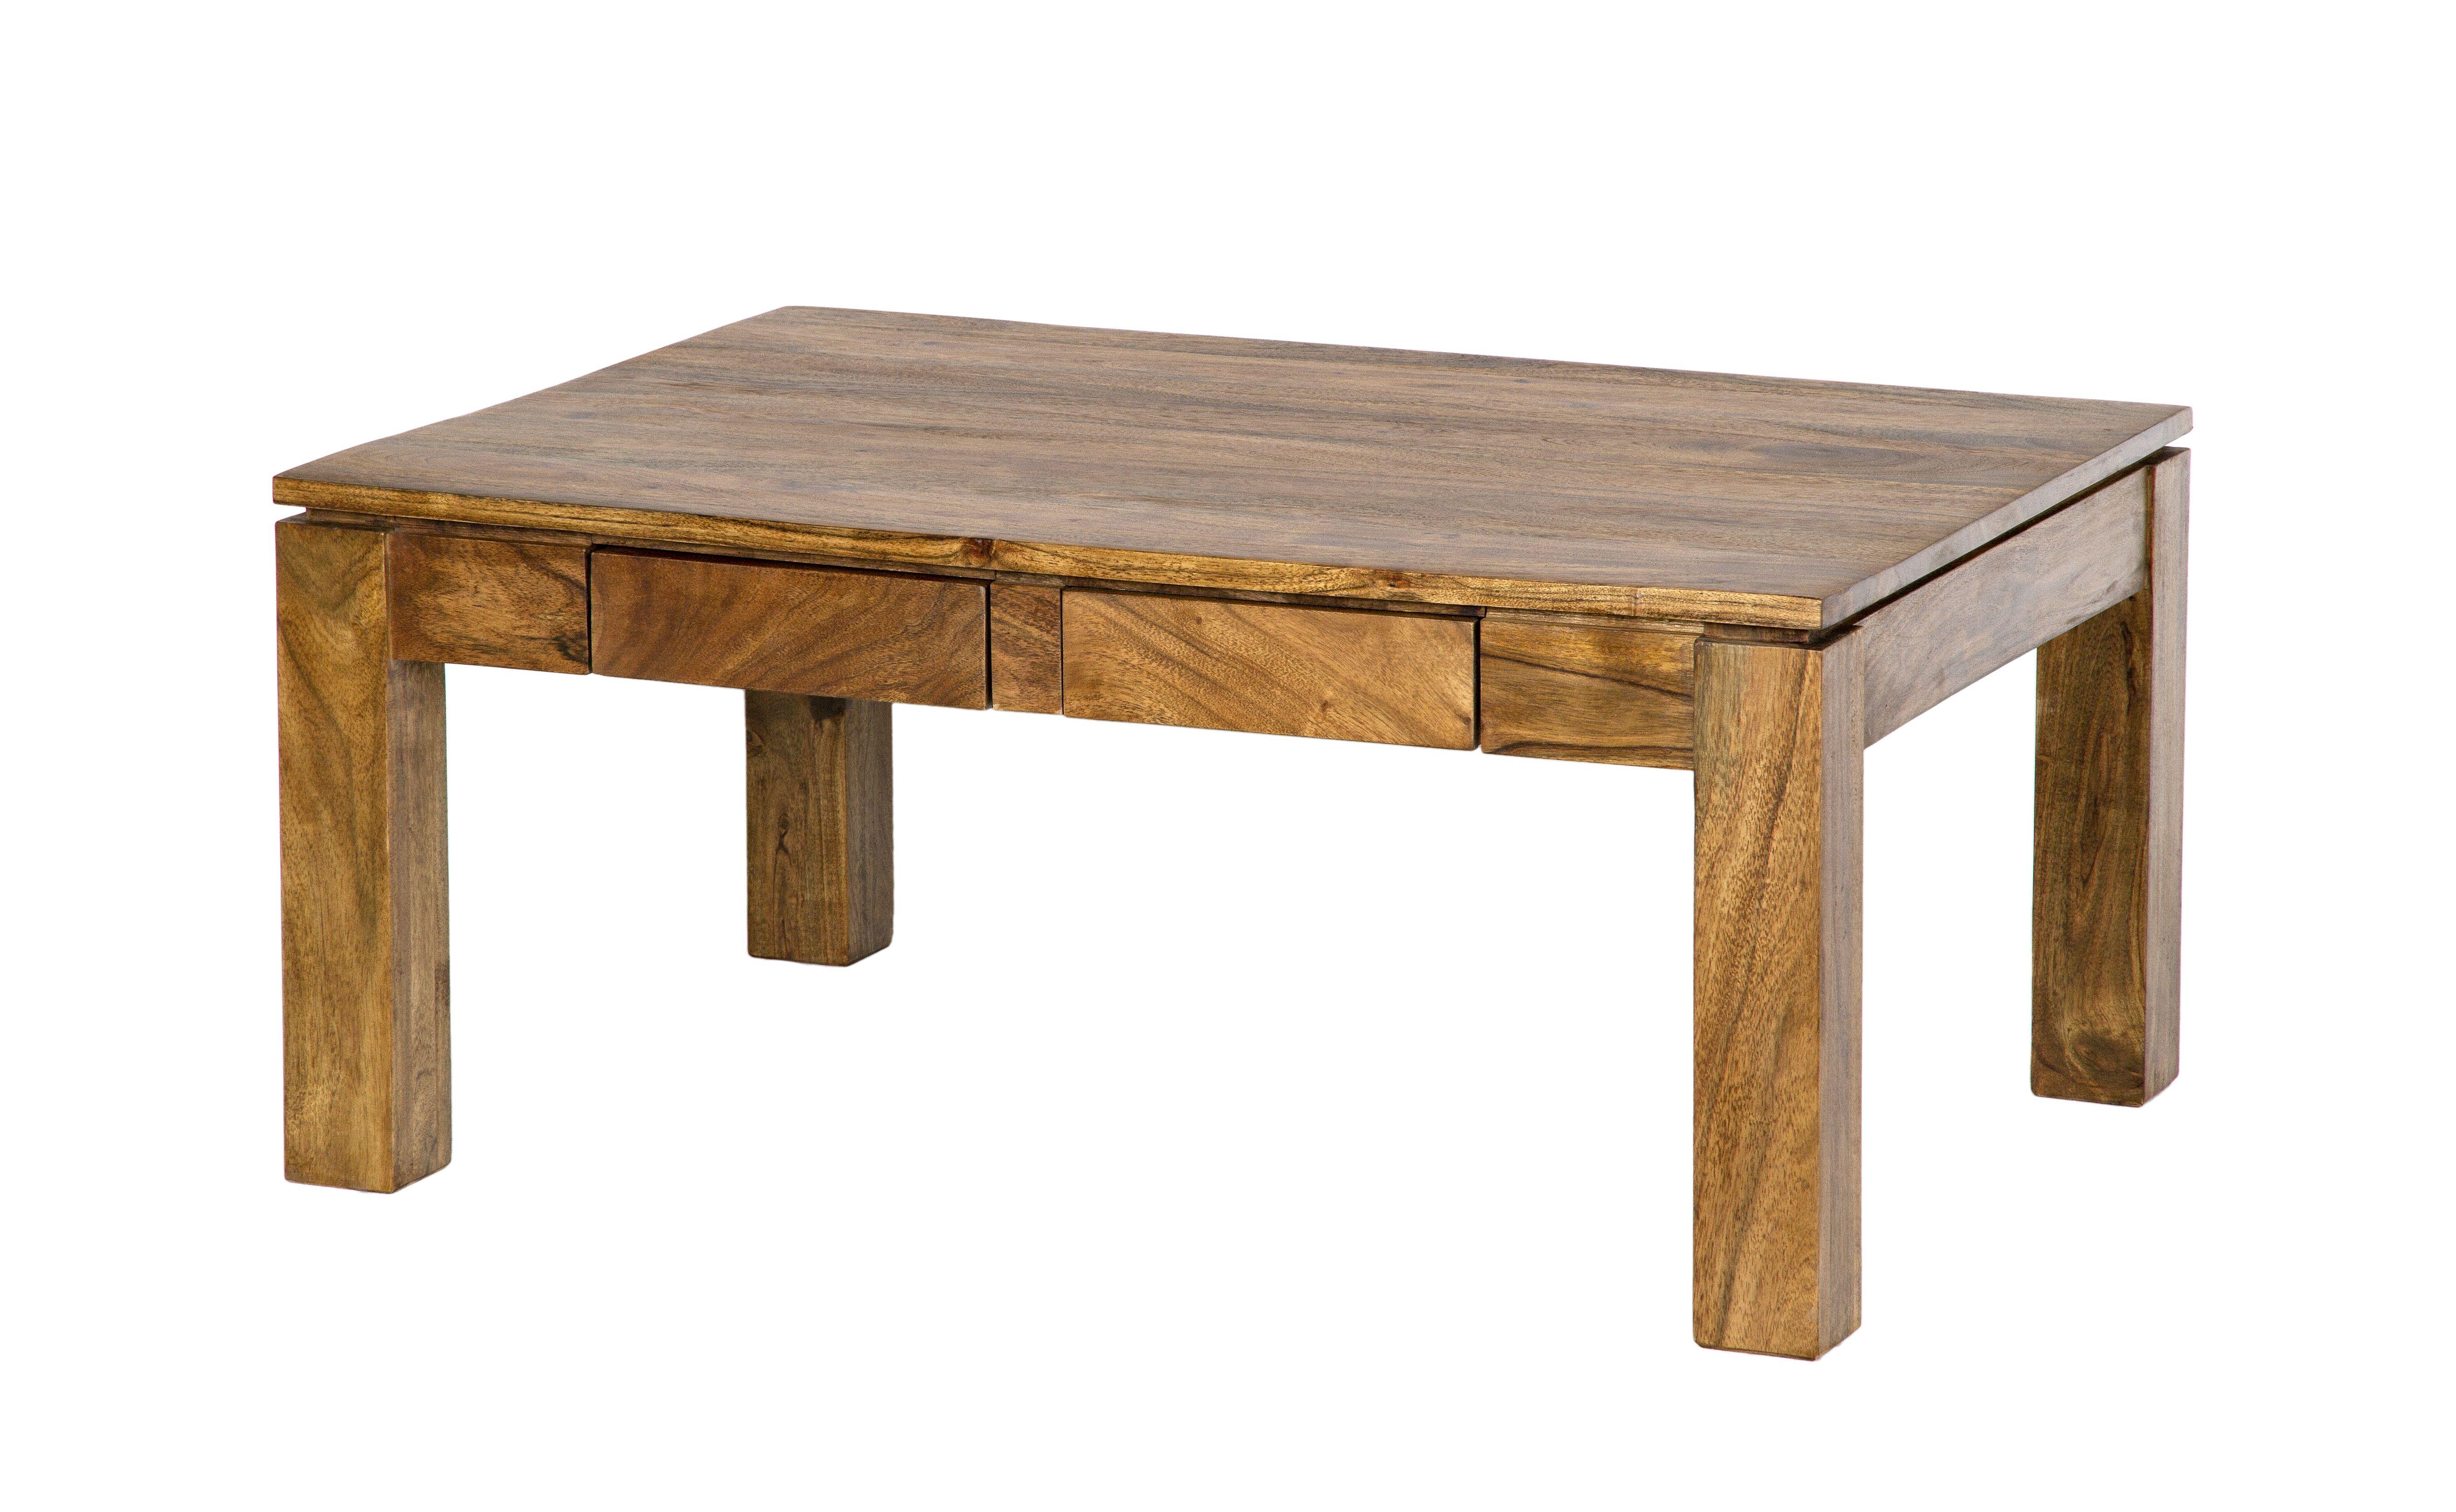 Table Basse Bois Bicolore Naturel Laque Noir En Chene Massif 1 Niche 1 Tiroir 110x65x32cm Malmoe2 Table Basse Table Basse Bois Table Basse Chene